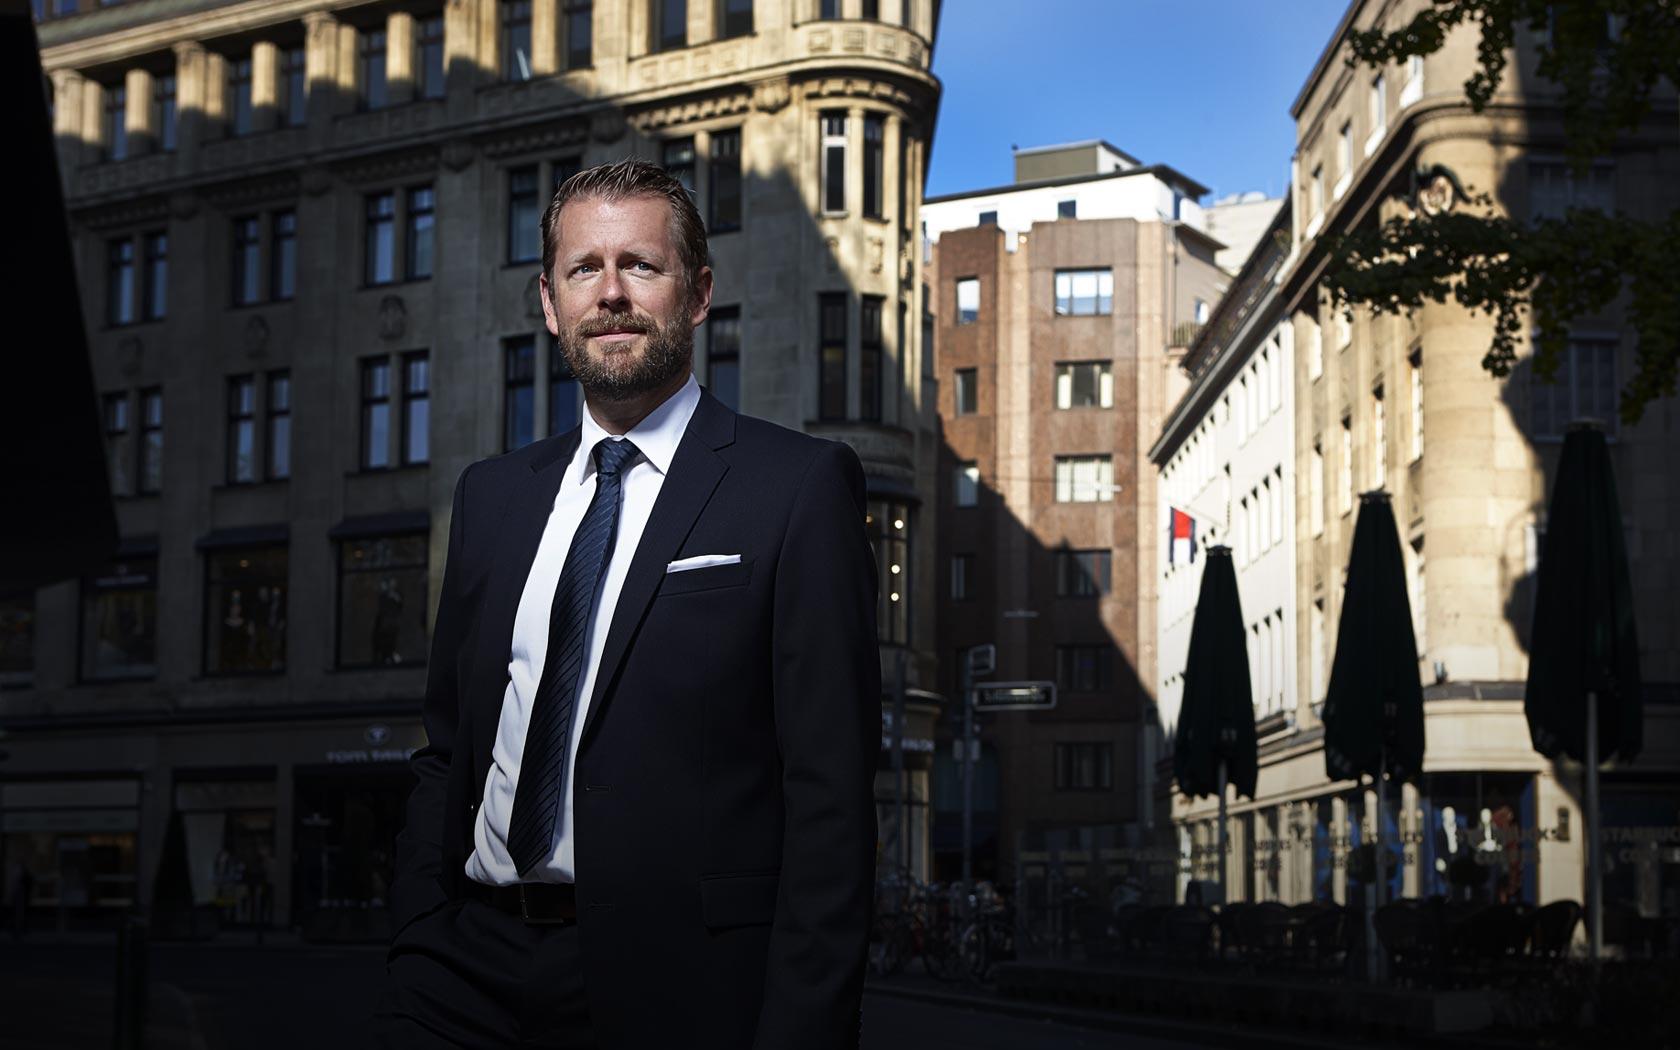 Kanzlei Kötz Fusbahn Rechtsanwälte Partnerschaftsgesellschaft